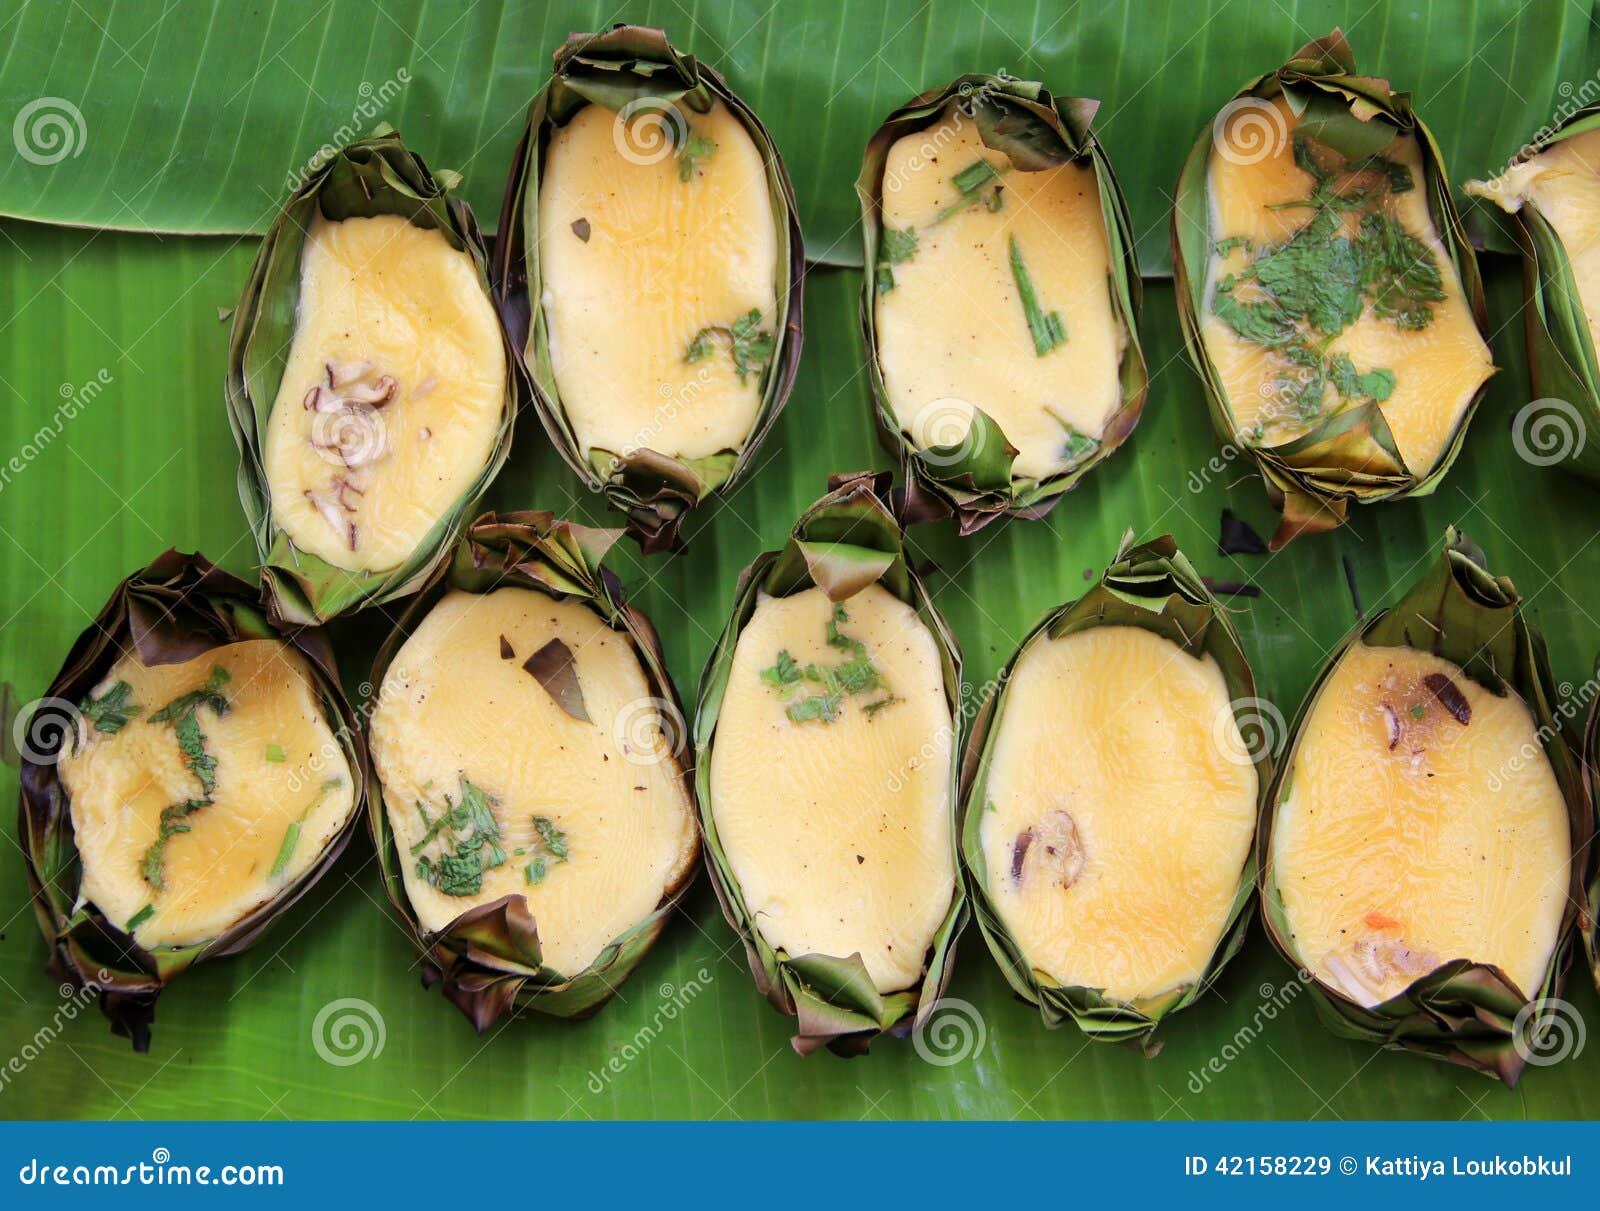 grilled eggs in banana leaf joist tradition thai food. Black Bedroom Furniture Sets. Home Design Ideas